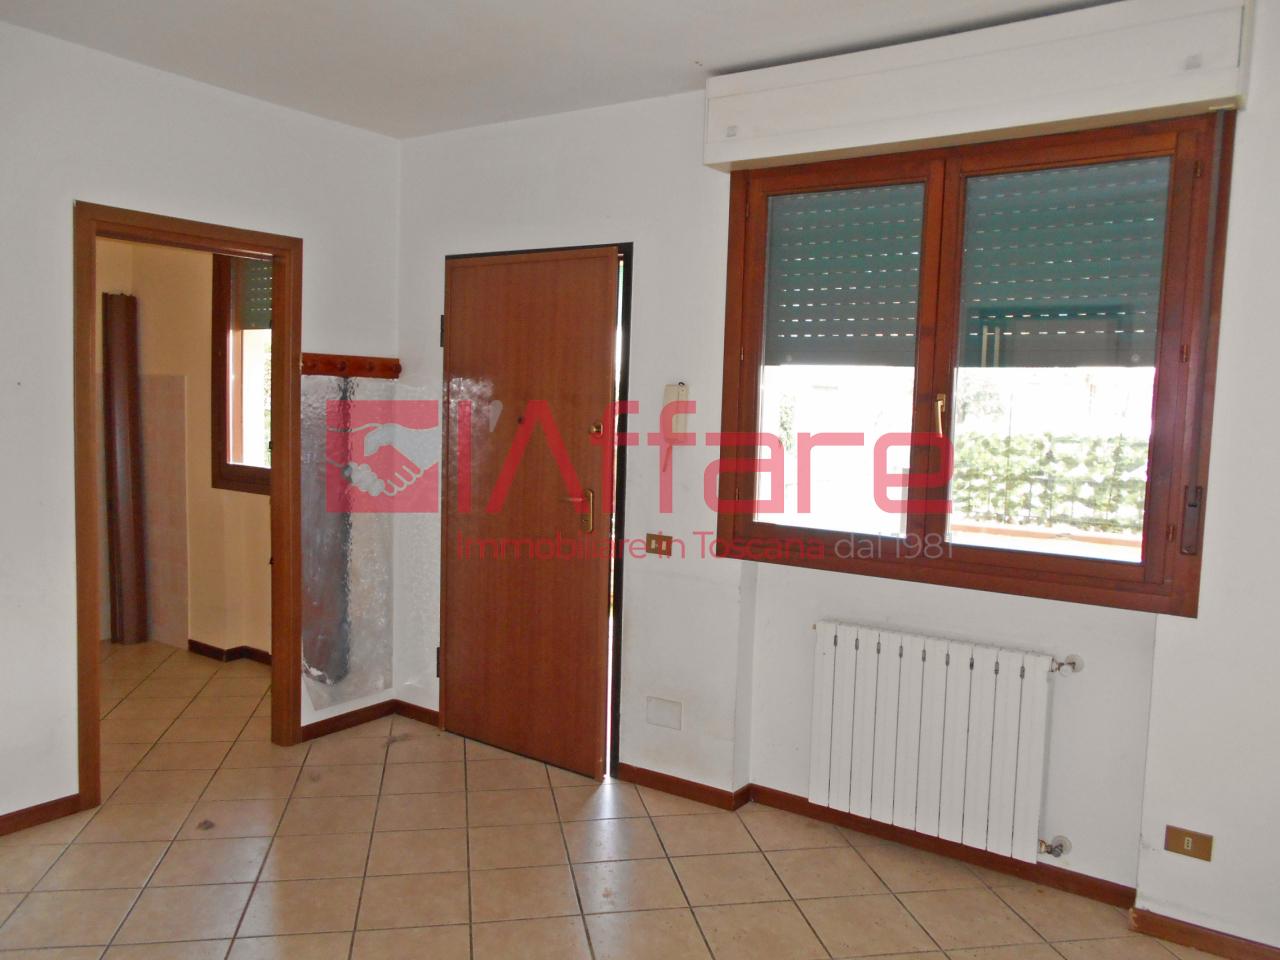 Appartamento in affitto a Massa e Cozzile, 4 locali, prezzo € 450 | CambioCasa.it